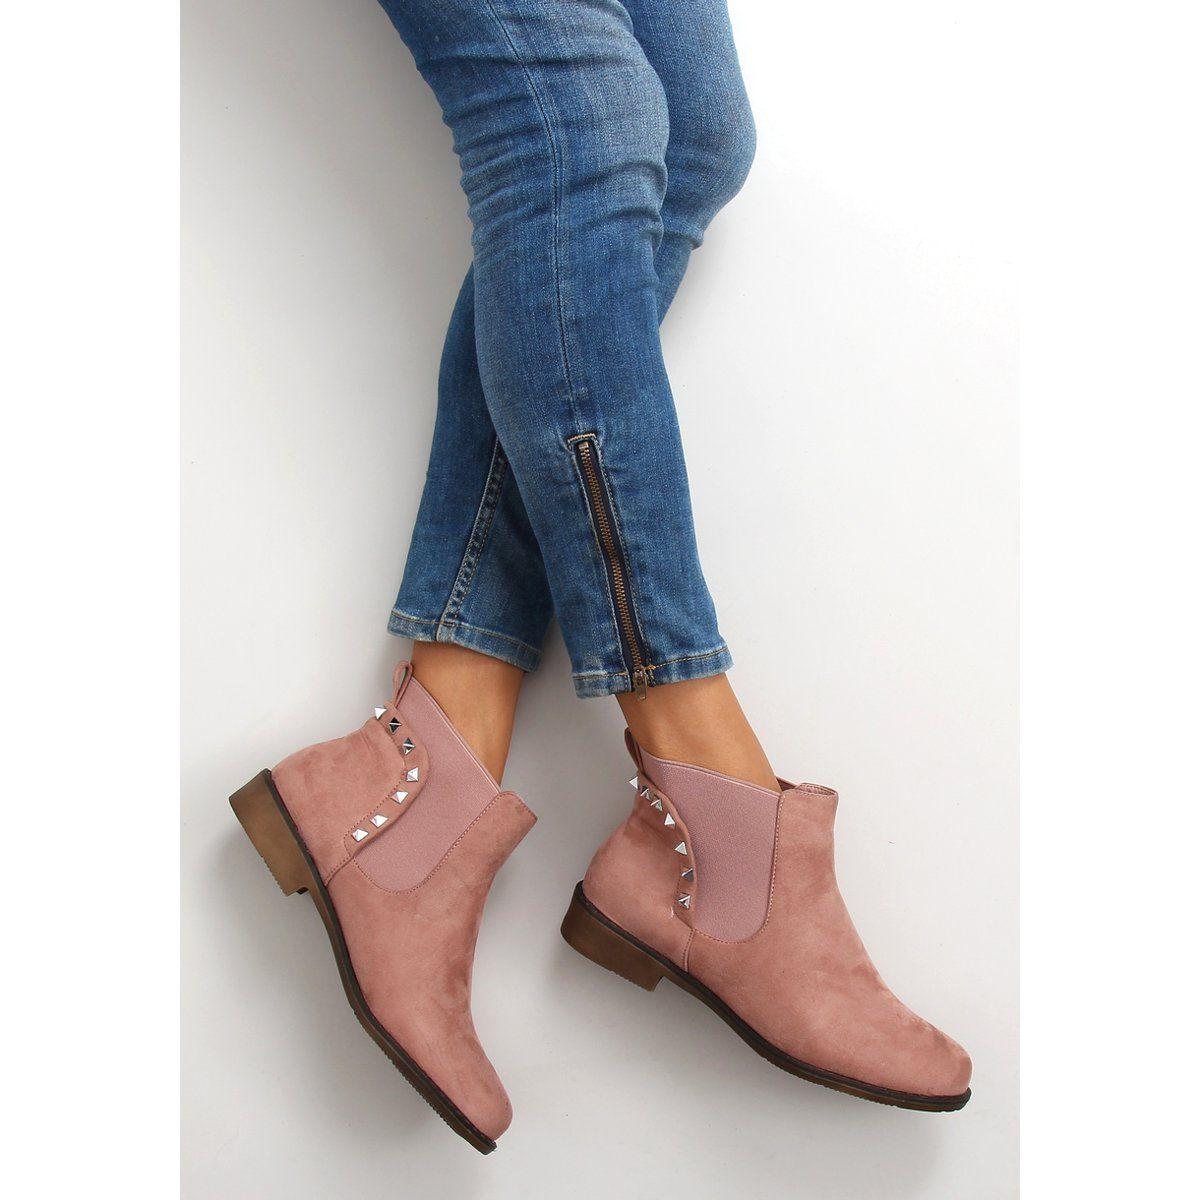 Botki Damskie Obuwiedamskie Rozowe Zamszowe Sztyblety Z Cwiekami F175 Pink Obuwie Damskie Shoes Boots Fashion